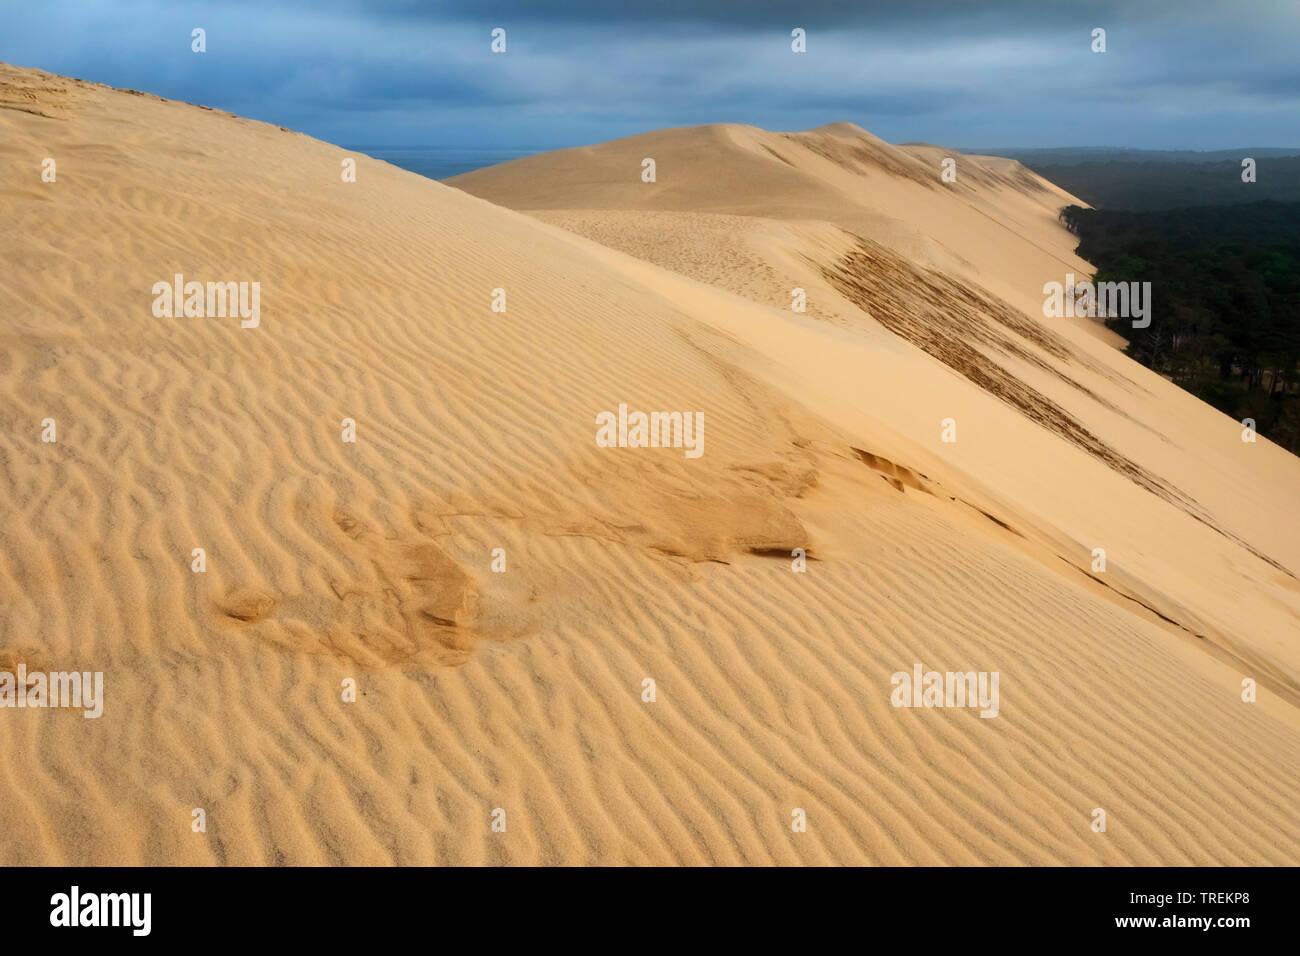 Dune du Pilat, groesste Wanderduene Europas, Frankreich, Arcachon    , Dune of Pilat, tallest sand dune in Europe, France, Arcachon   BLWS528661.jpg [ - Stock Image